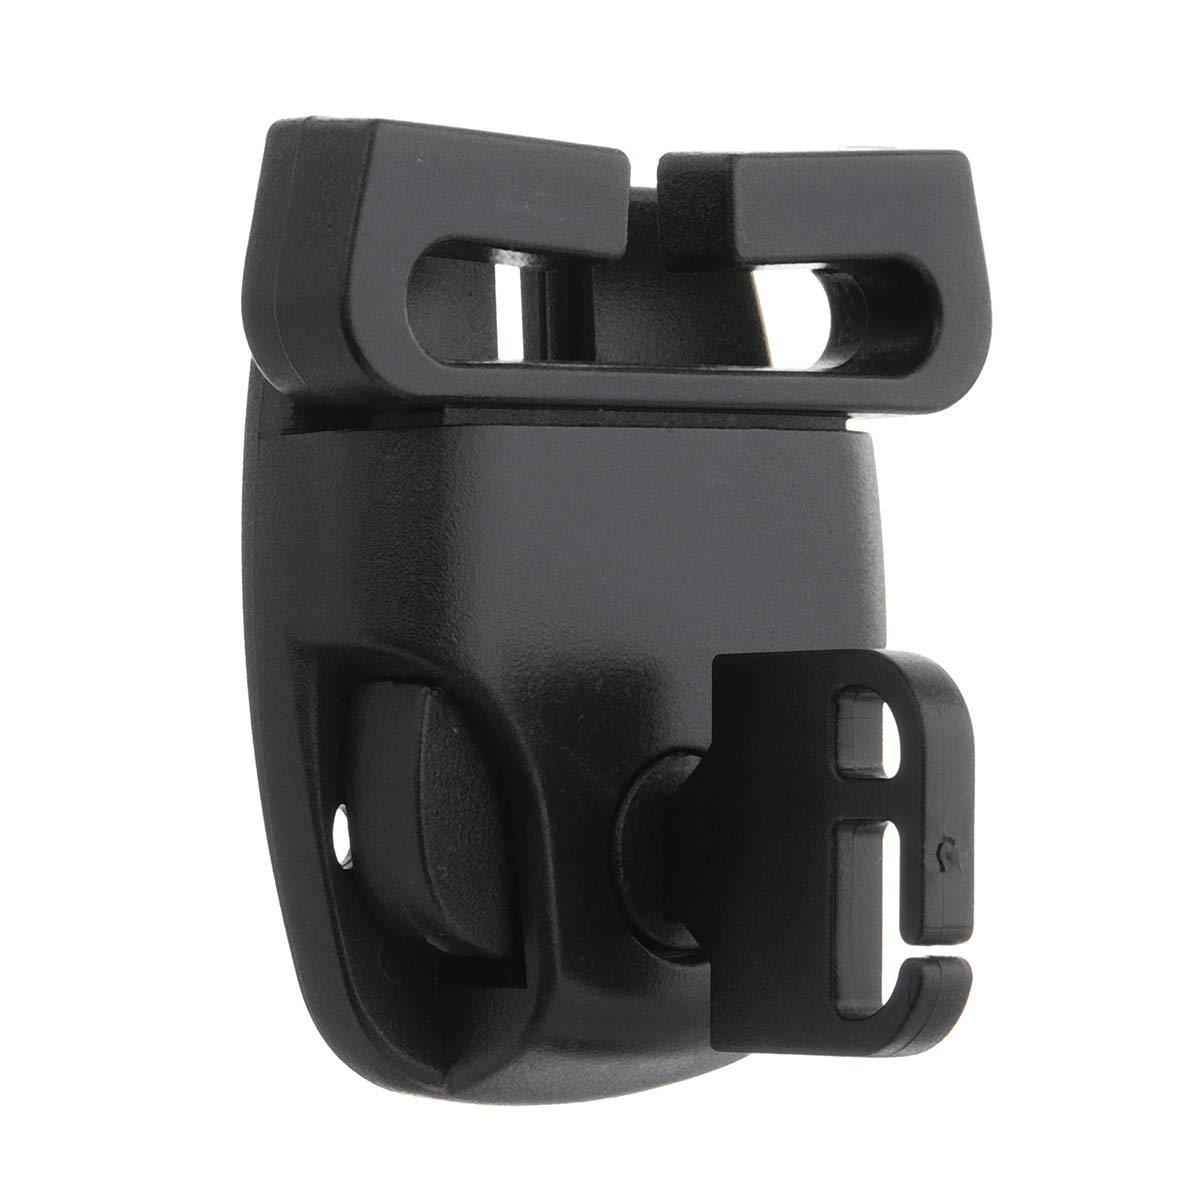 TuToy 10 Unids/Set Spa Cubierta De Bañera De Hidromasaje Kit De Reparación De Pestillo Roto Llave De Bloqueo De Clip Y Hardware Con Tornillo